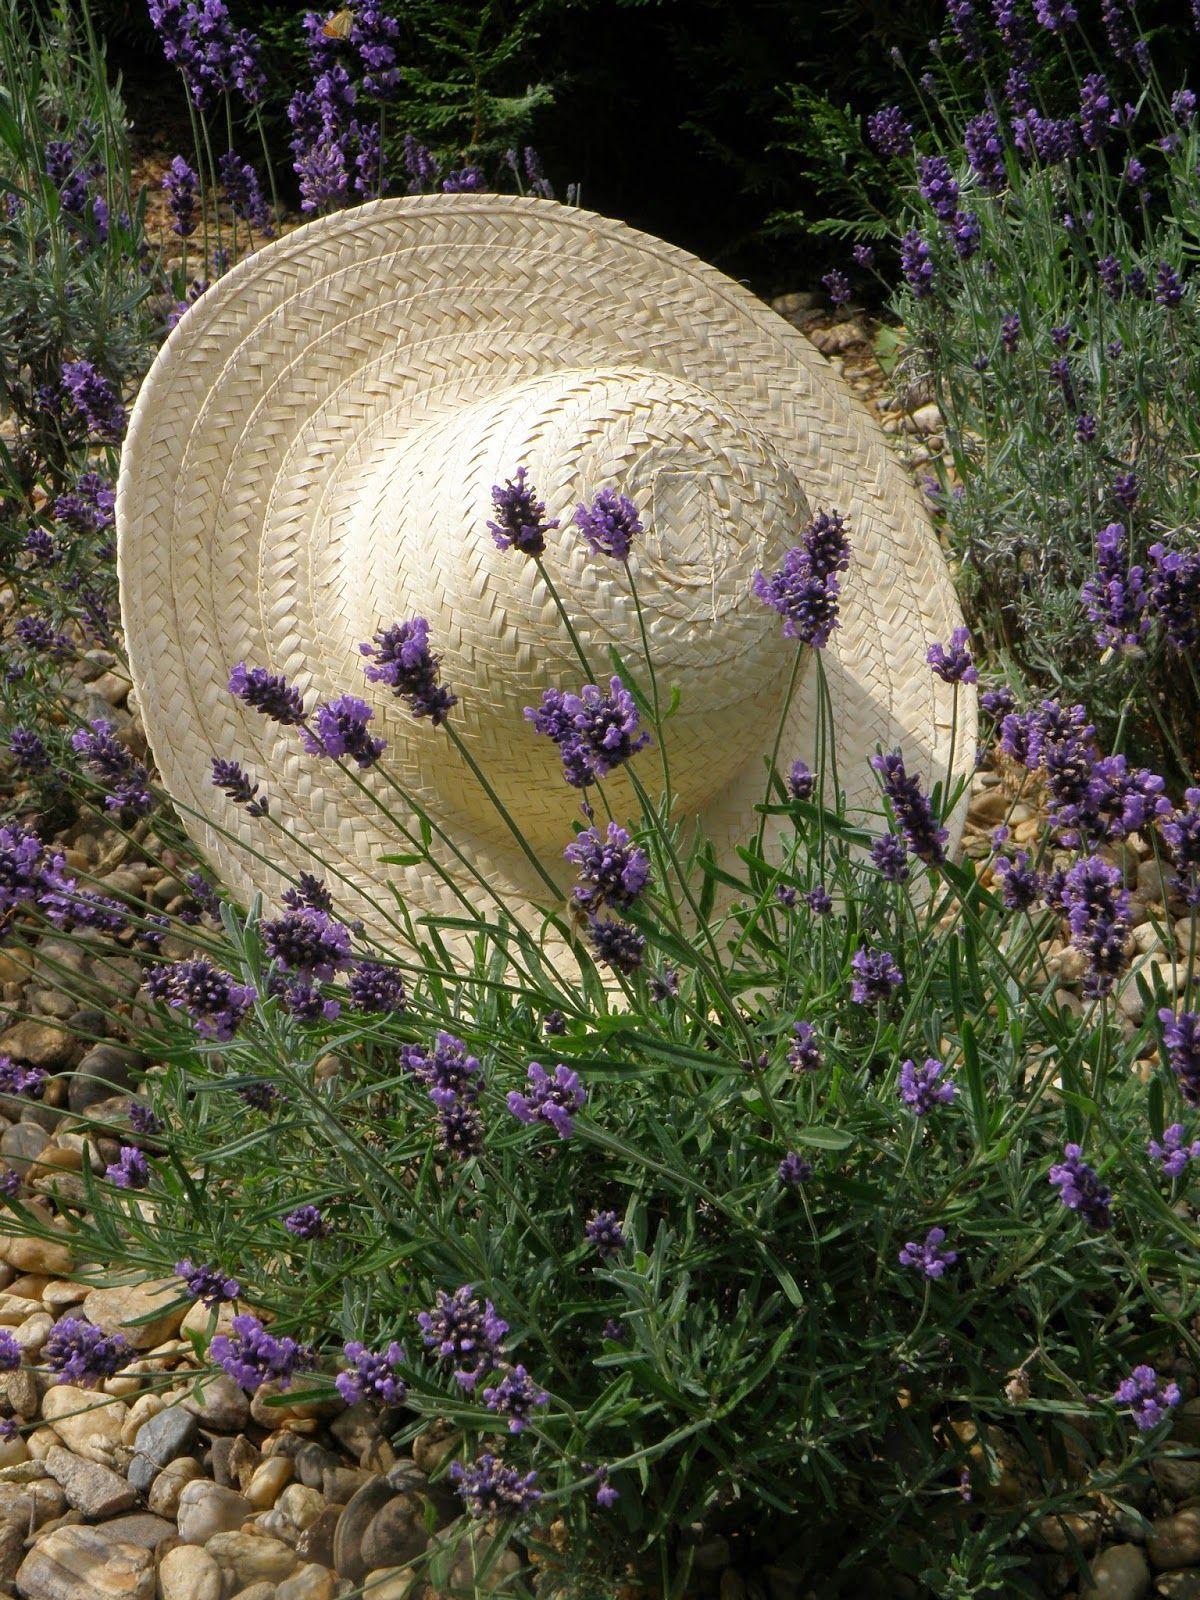 F124b3a6131a5f83fcd578fee8aef67dg 12001600 pixels lavender pretty flowers mightylinksfo